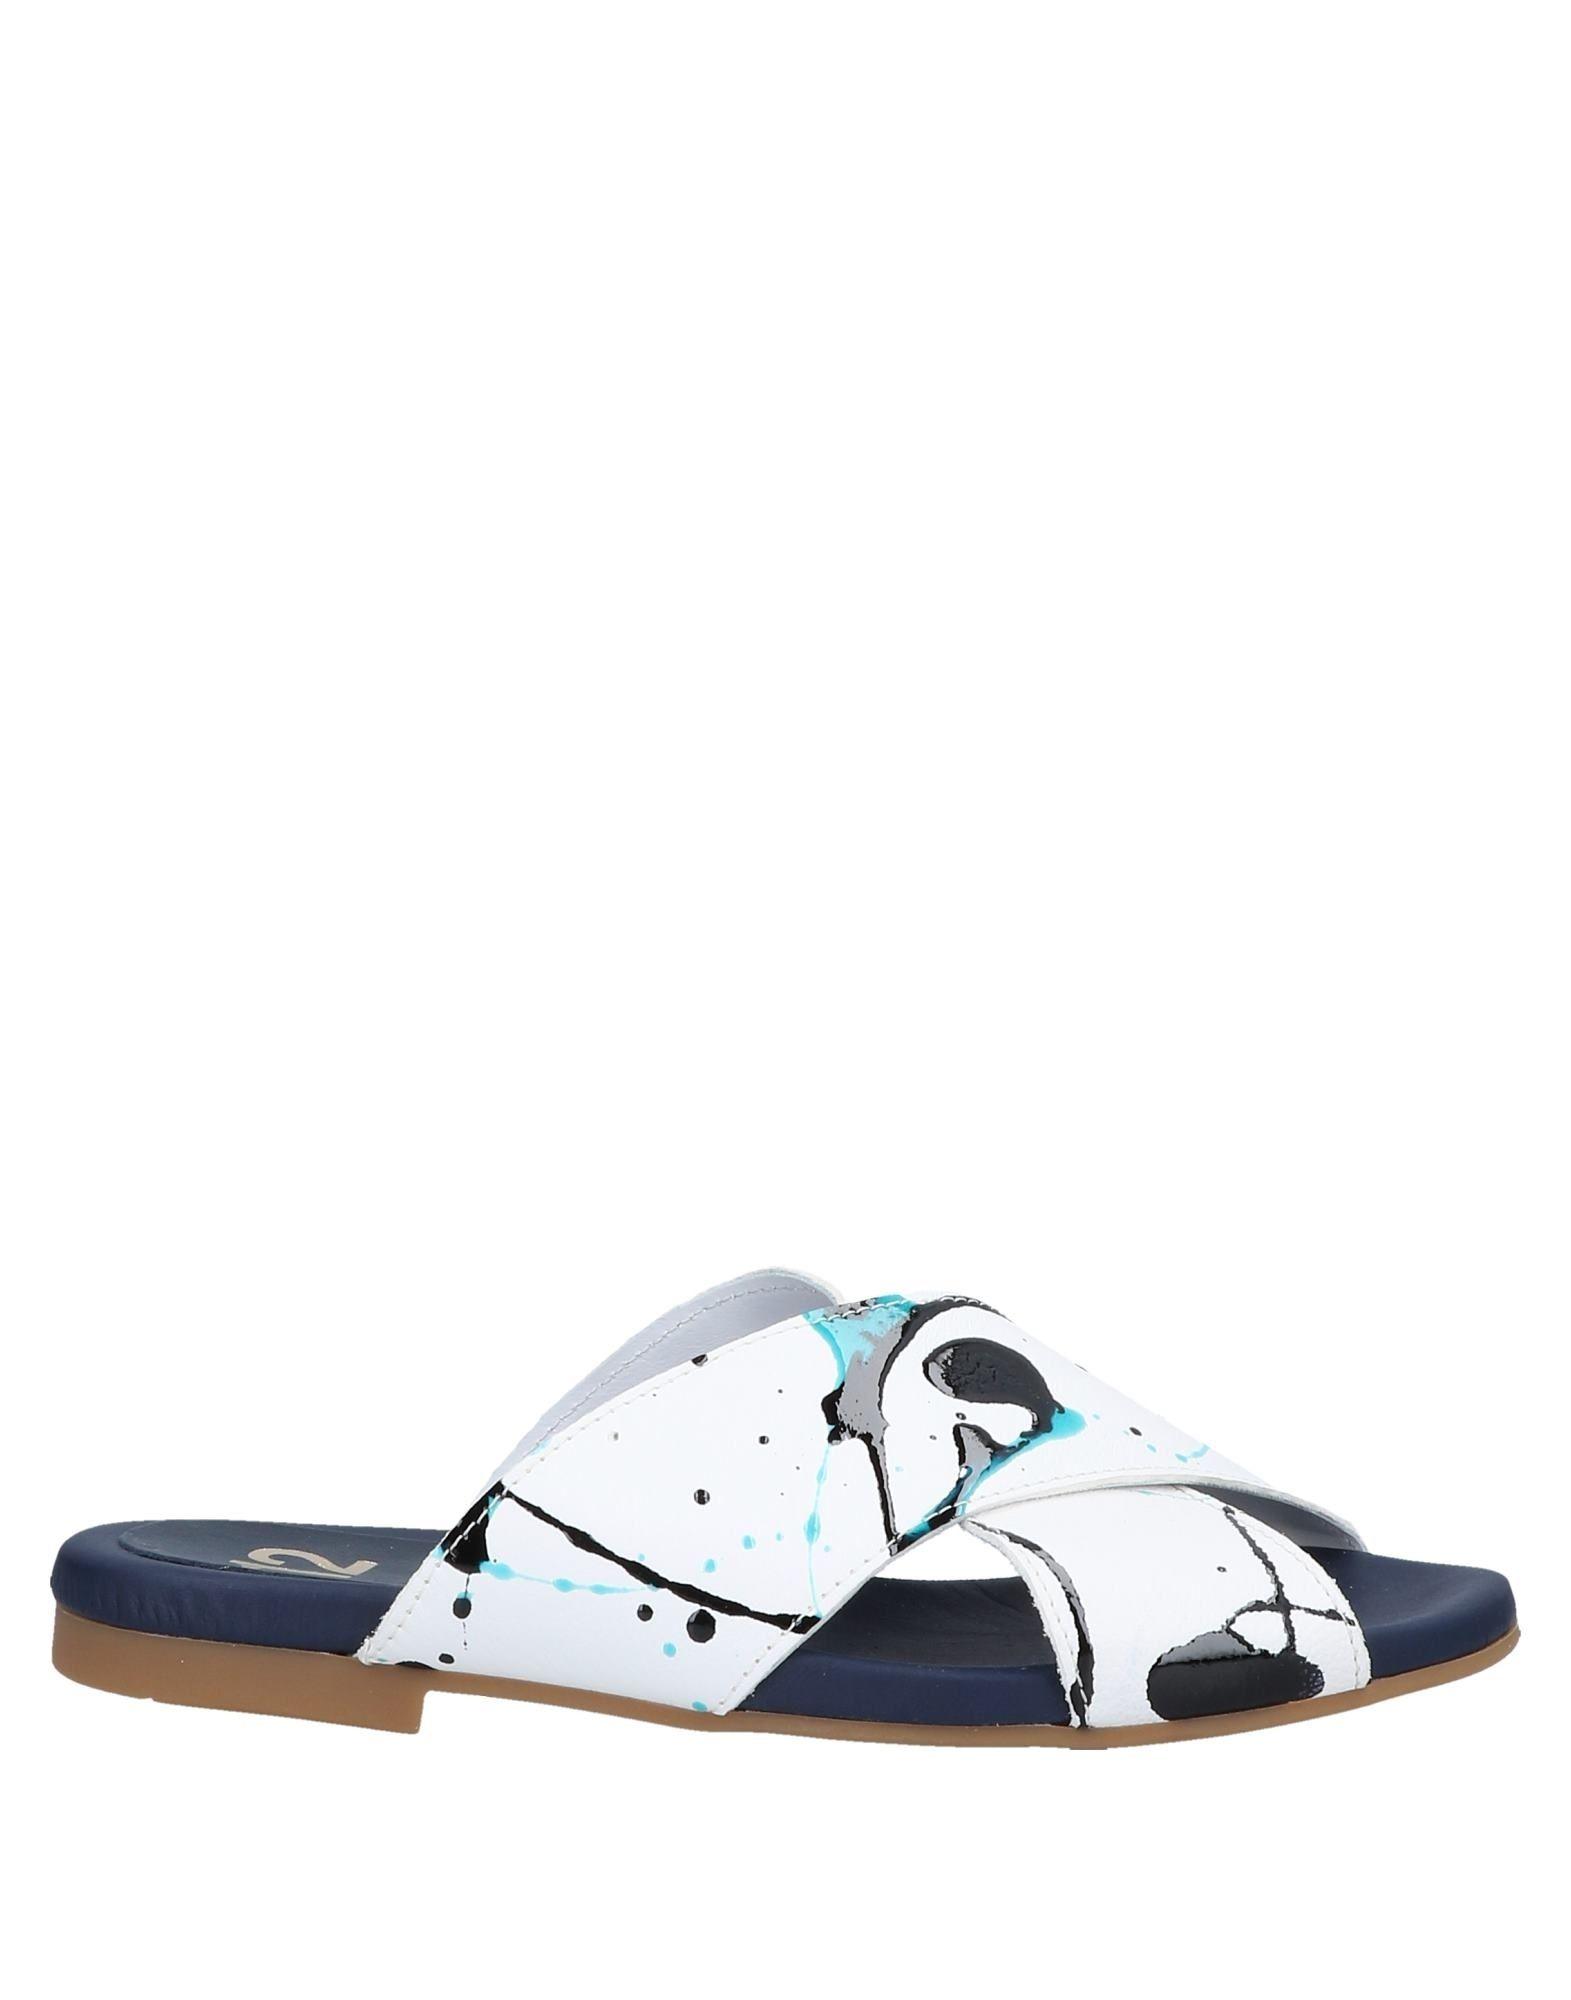 Tsd12 Sandals Tsd12 - Women Tsd12 Sandals Sandals online on  Canada - 11567393OG b9ff26